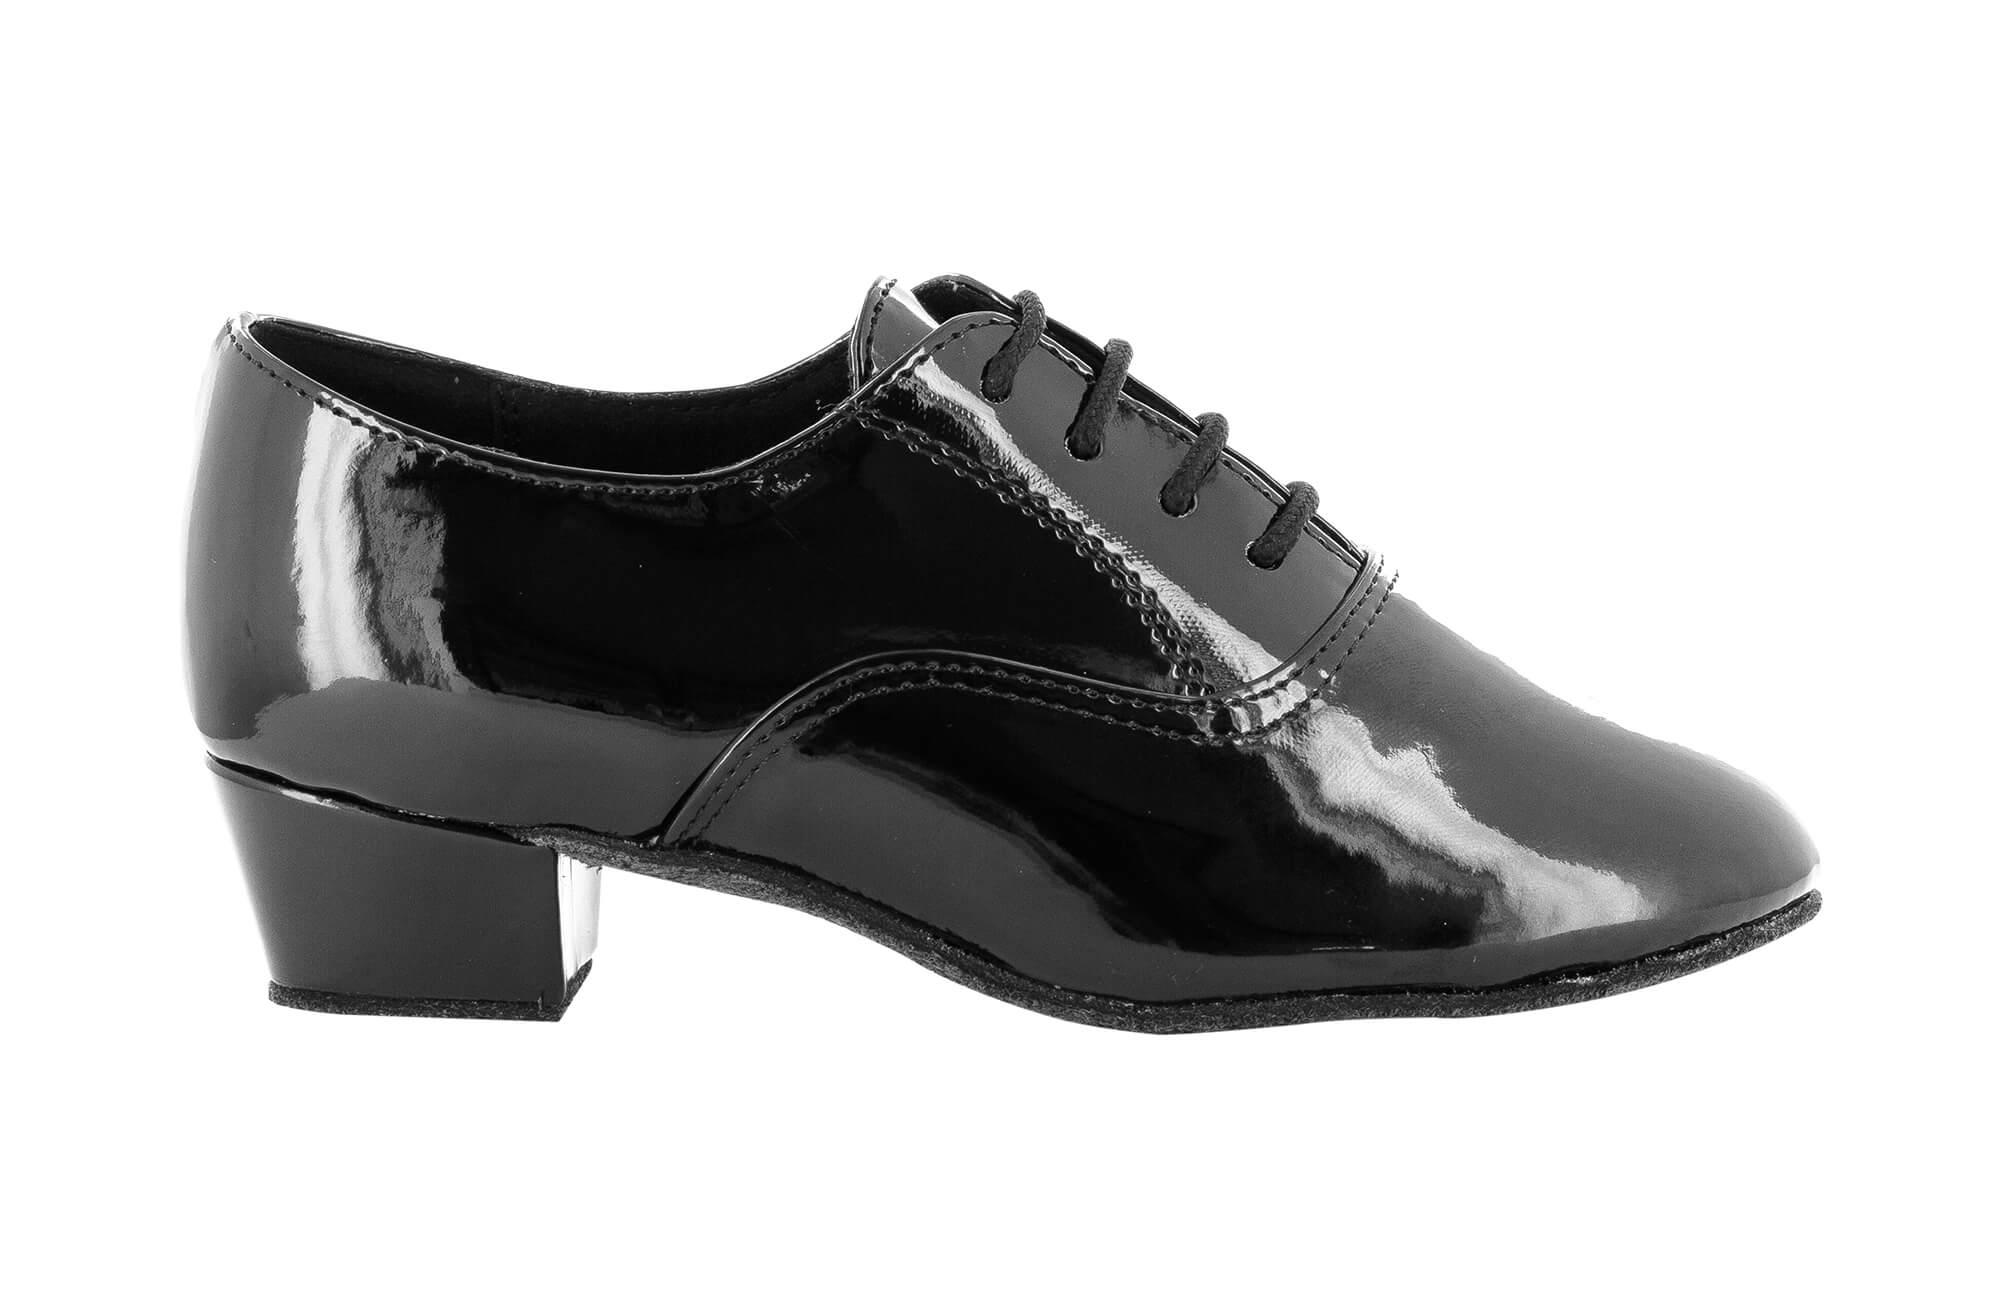 Zapato de baile Danc'in Niño de Charol Negro con Tacón de 3,5cm